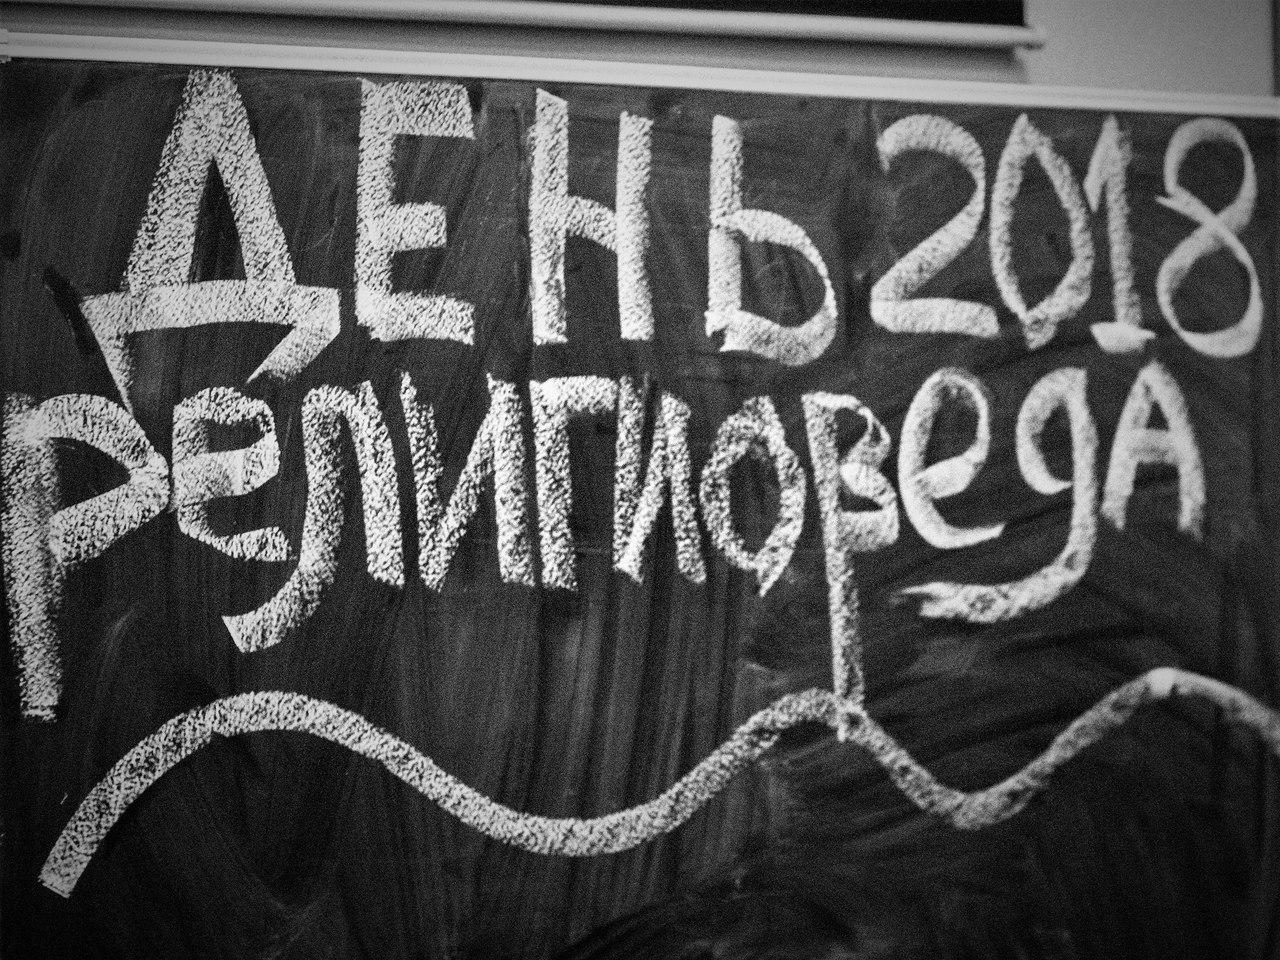 День религиоведа в РГПУ им. А.И. Герцена, 19.02.2018. (фото Д.Винокурова)